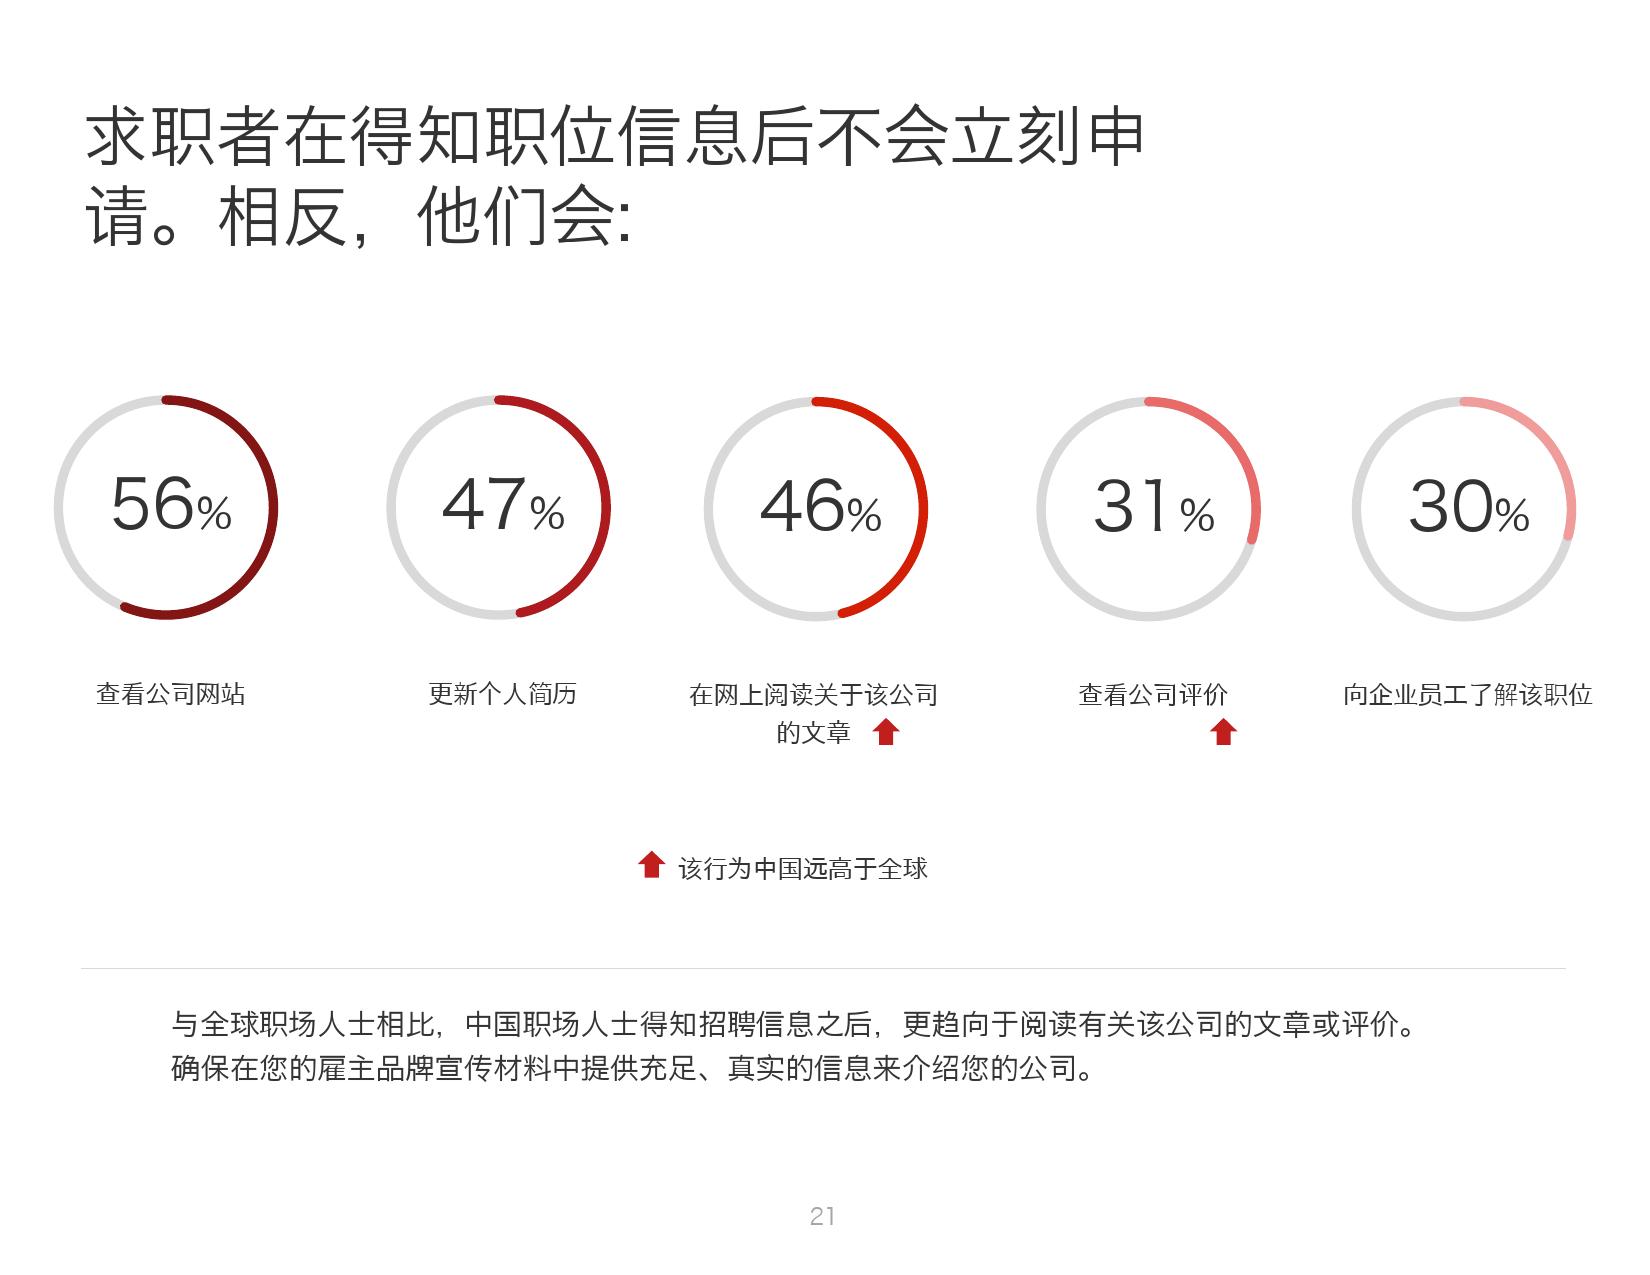 2016年中国人才趋势报告_000021